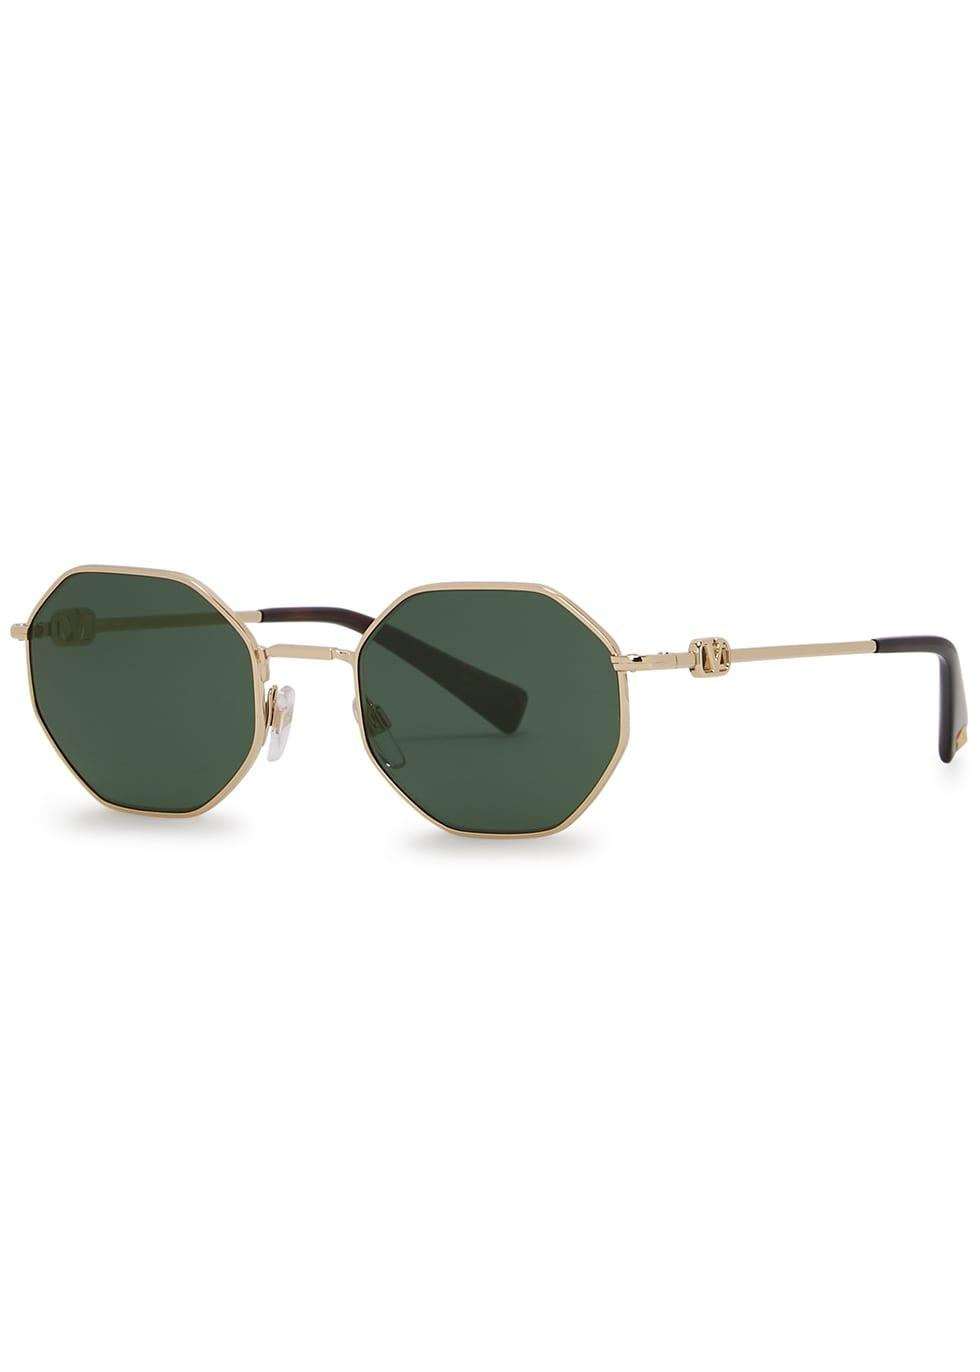 gold tone oval frame sunglasses